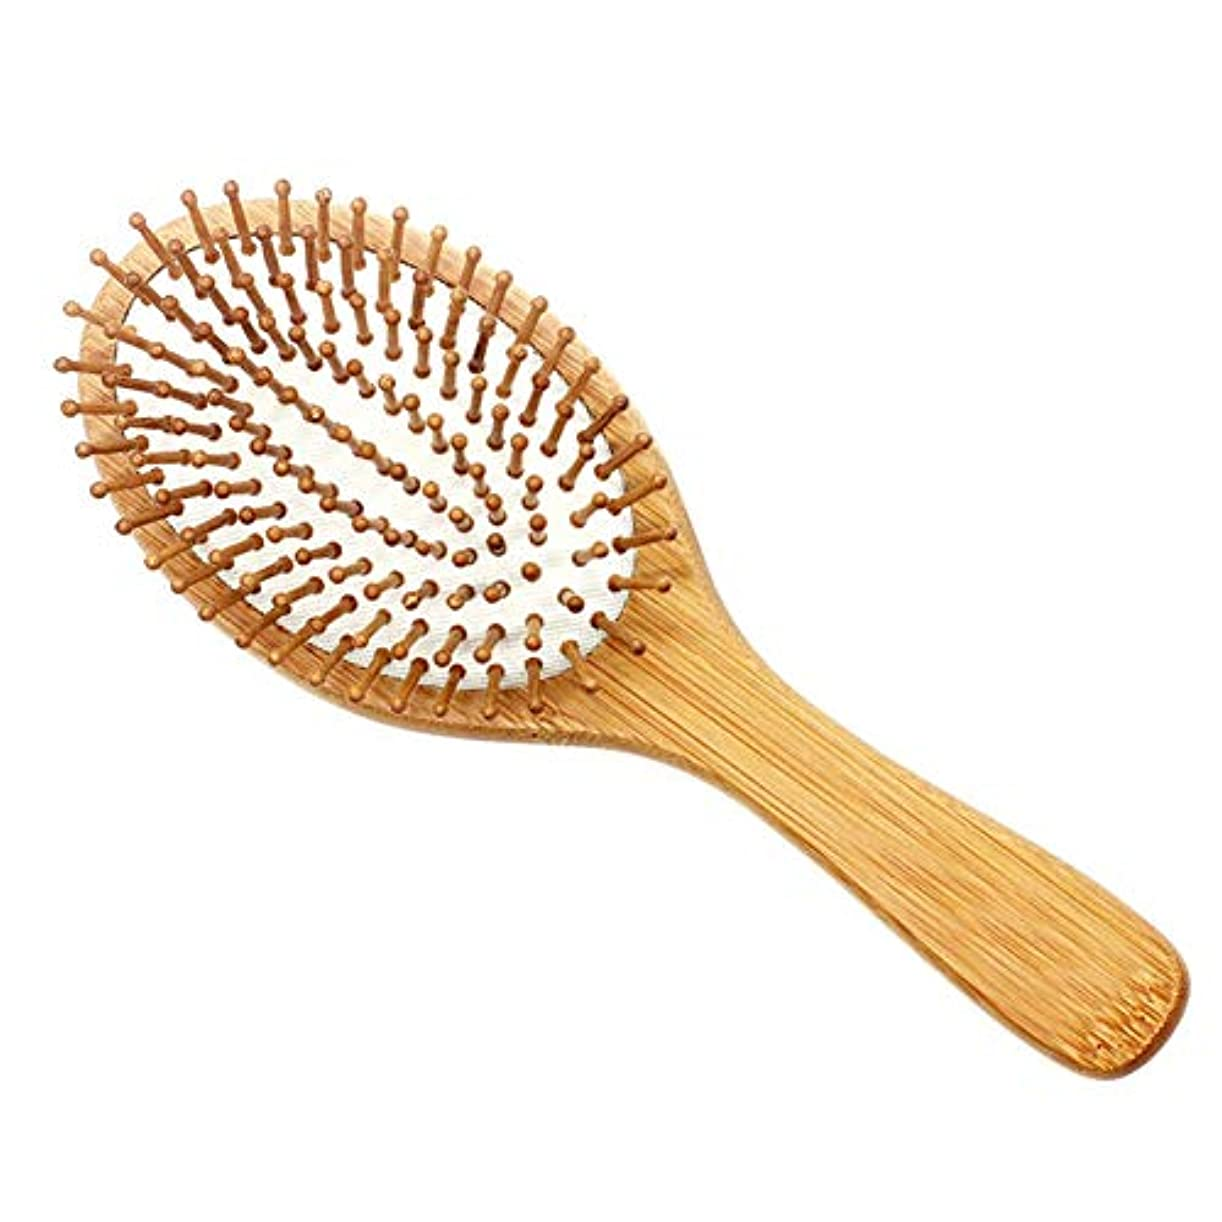 マエストロ軍割り当てDoo ヘアブラシ 竹製ヘアケア 頭皮 マッサージ 美髪ケア 血行促進 薄毛改善 静電気 防止 メンズ レディース コーム